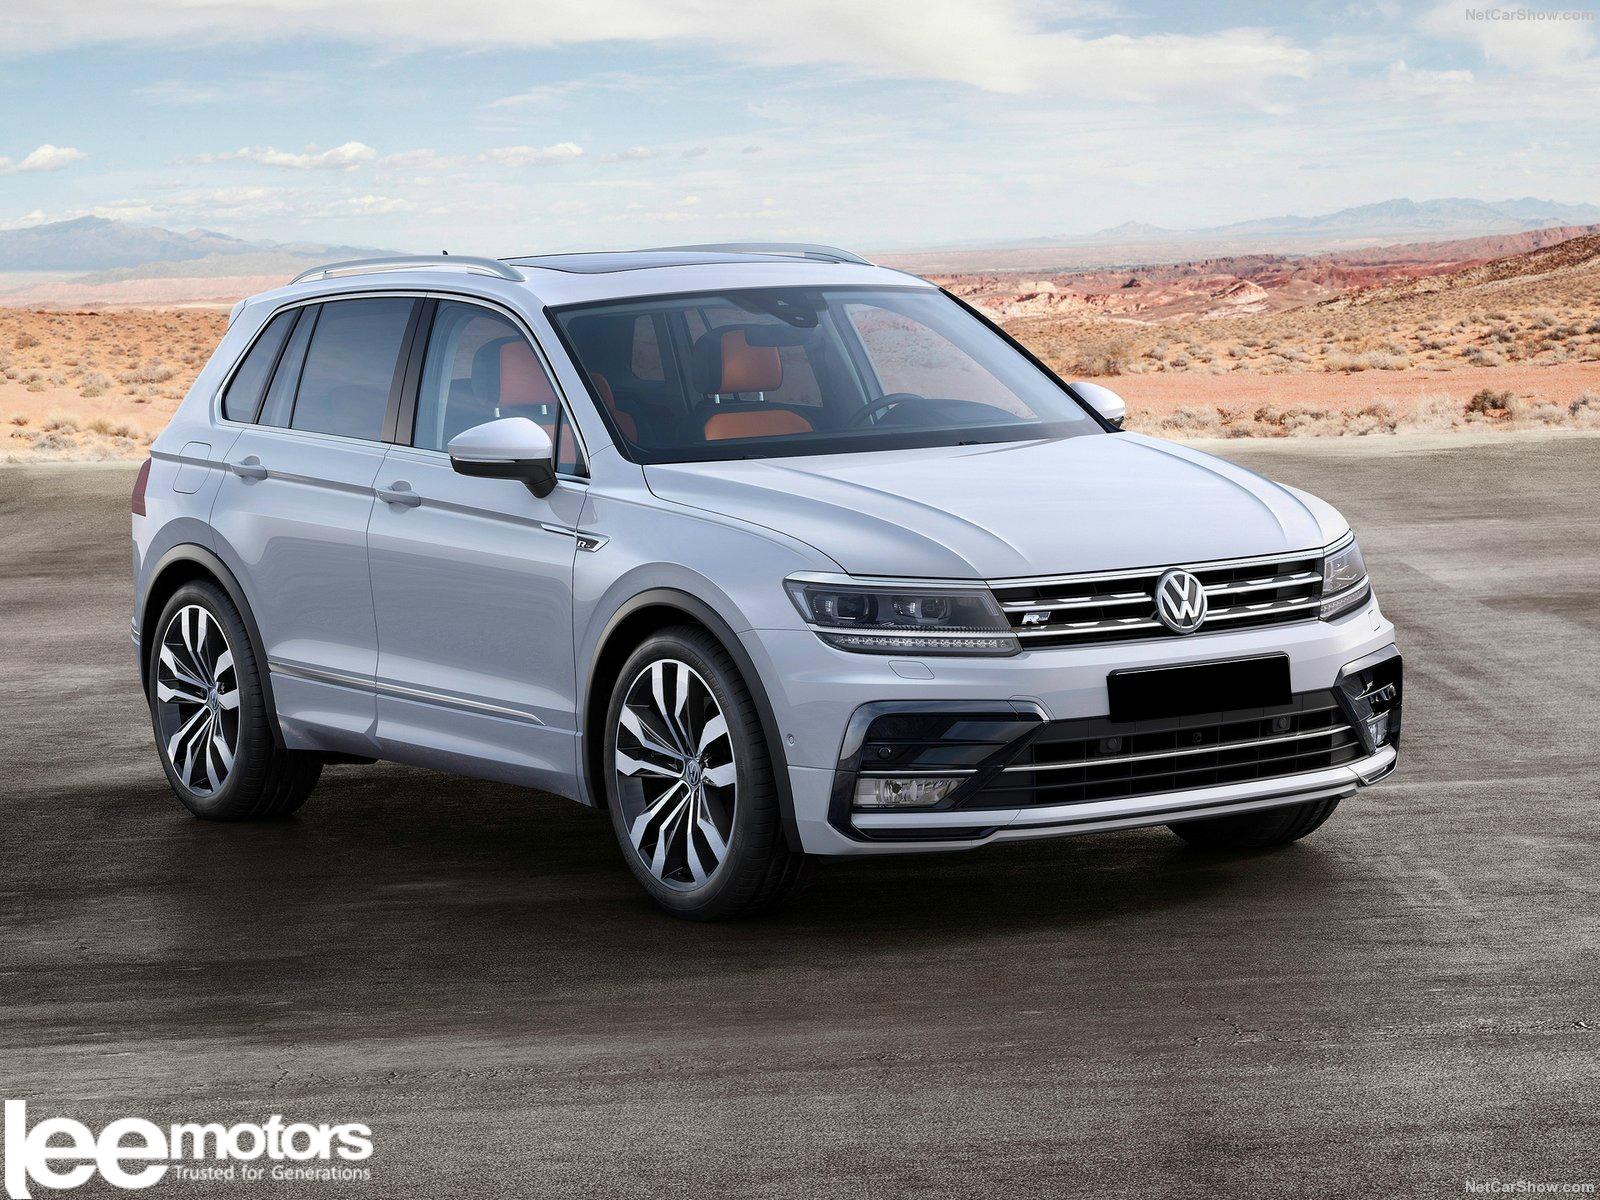 Volkswagen-Tiguan-2017-1600-01 (1)